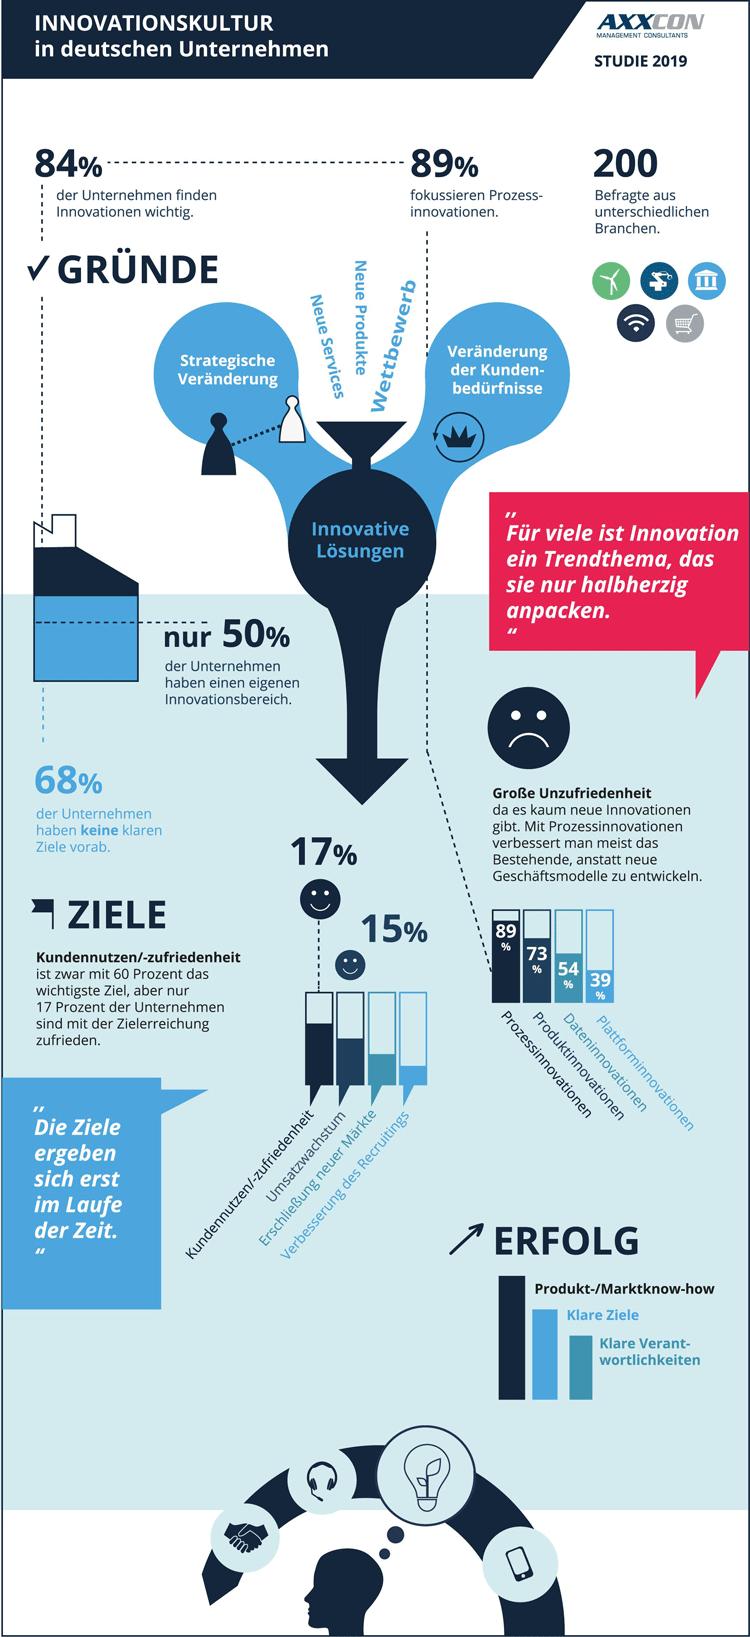 Infografik: Fehlende Innovationskultur in deutschen Unternehmen